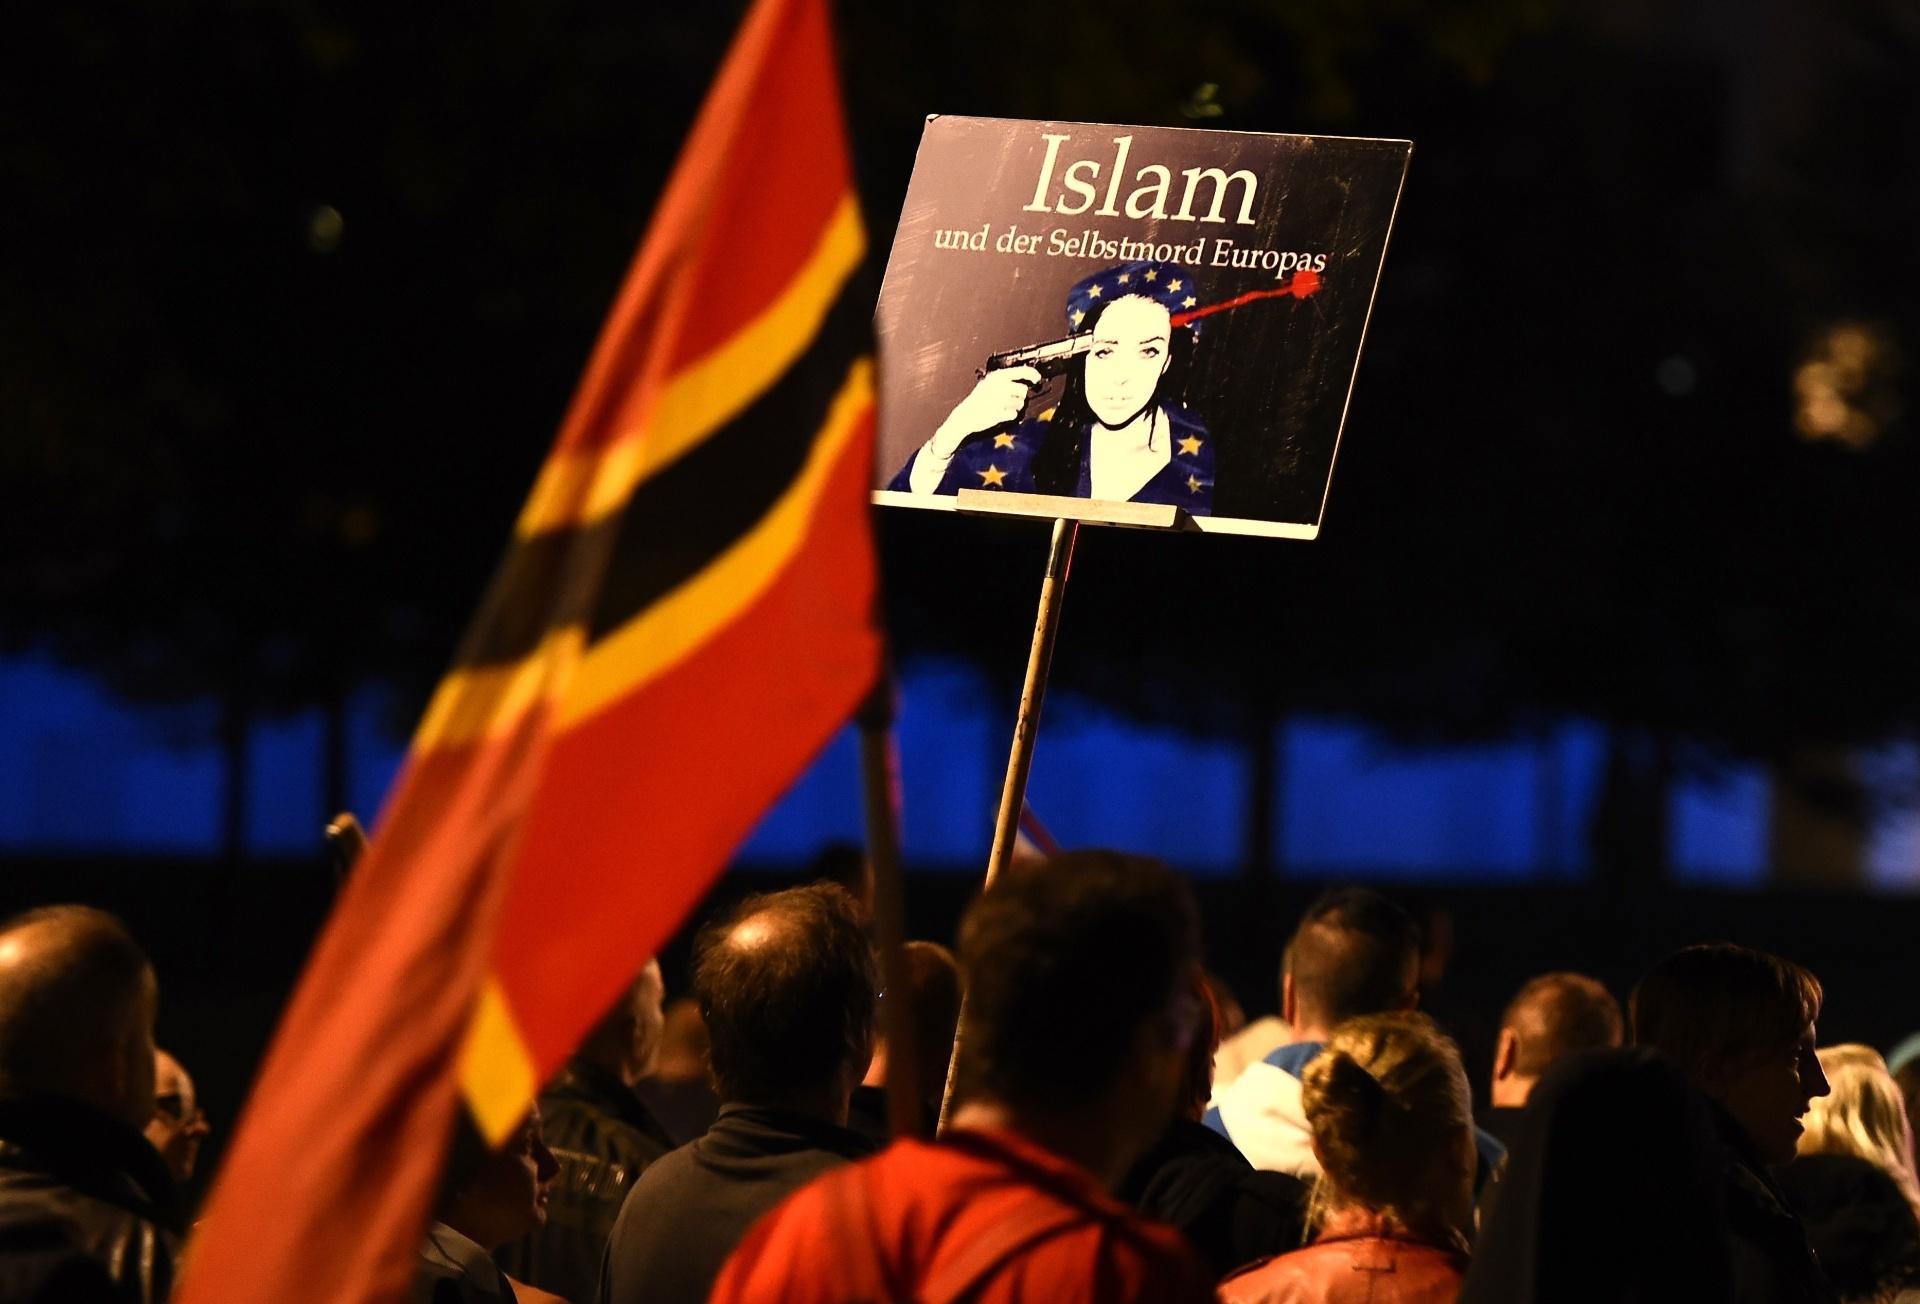 5.out.2015 - Manifestante exibe cartaz com a frase